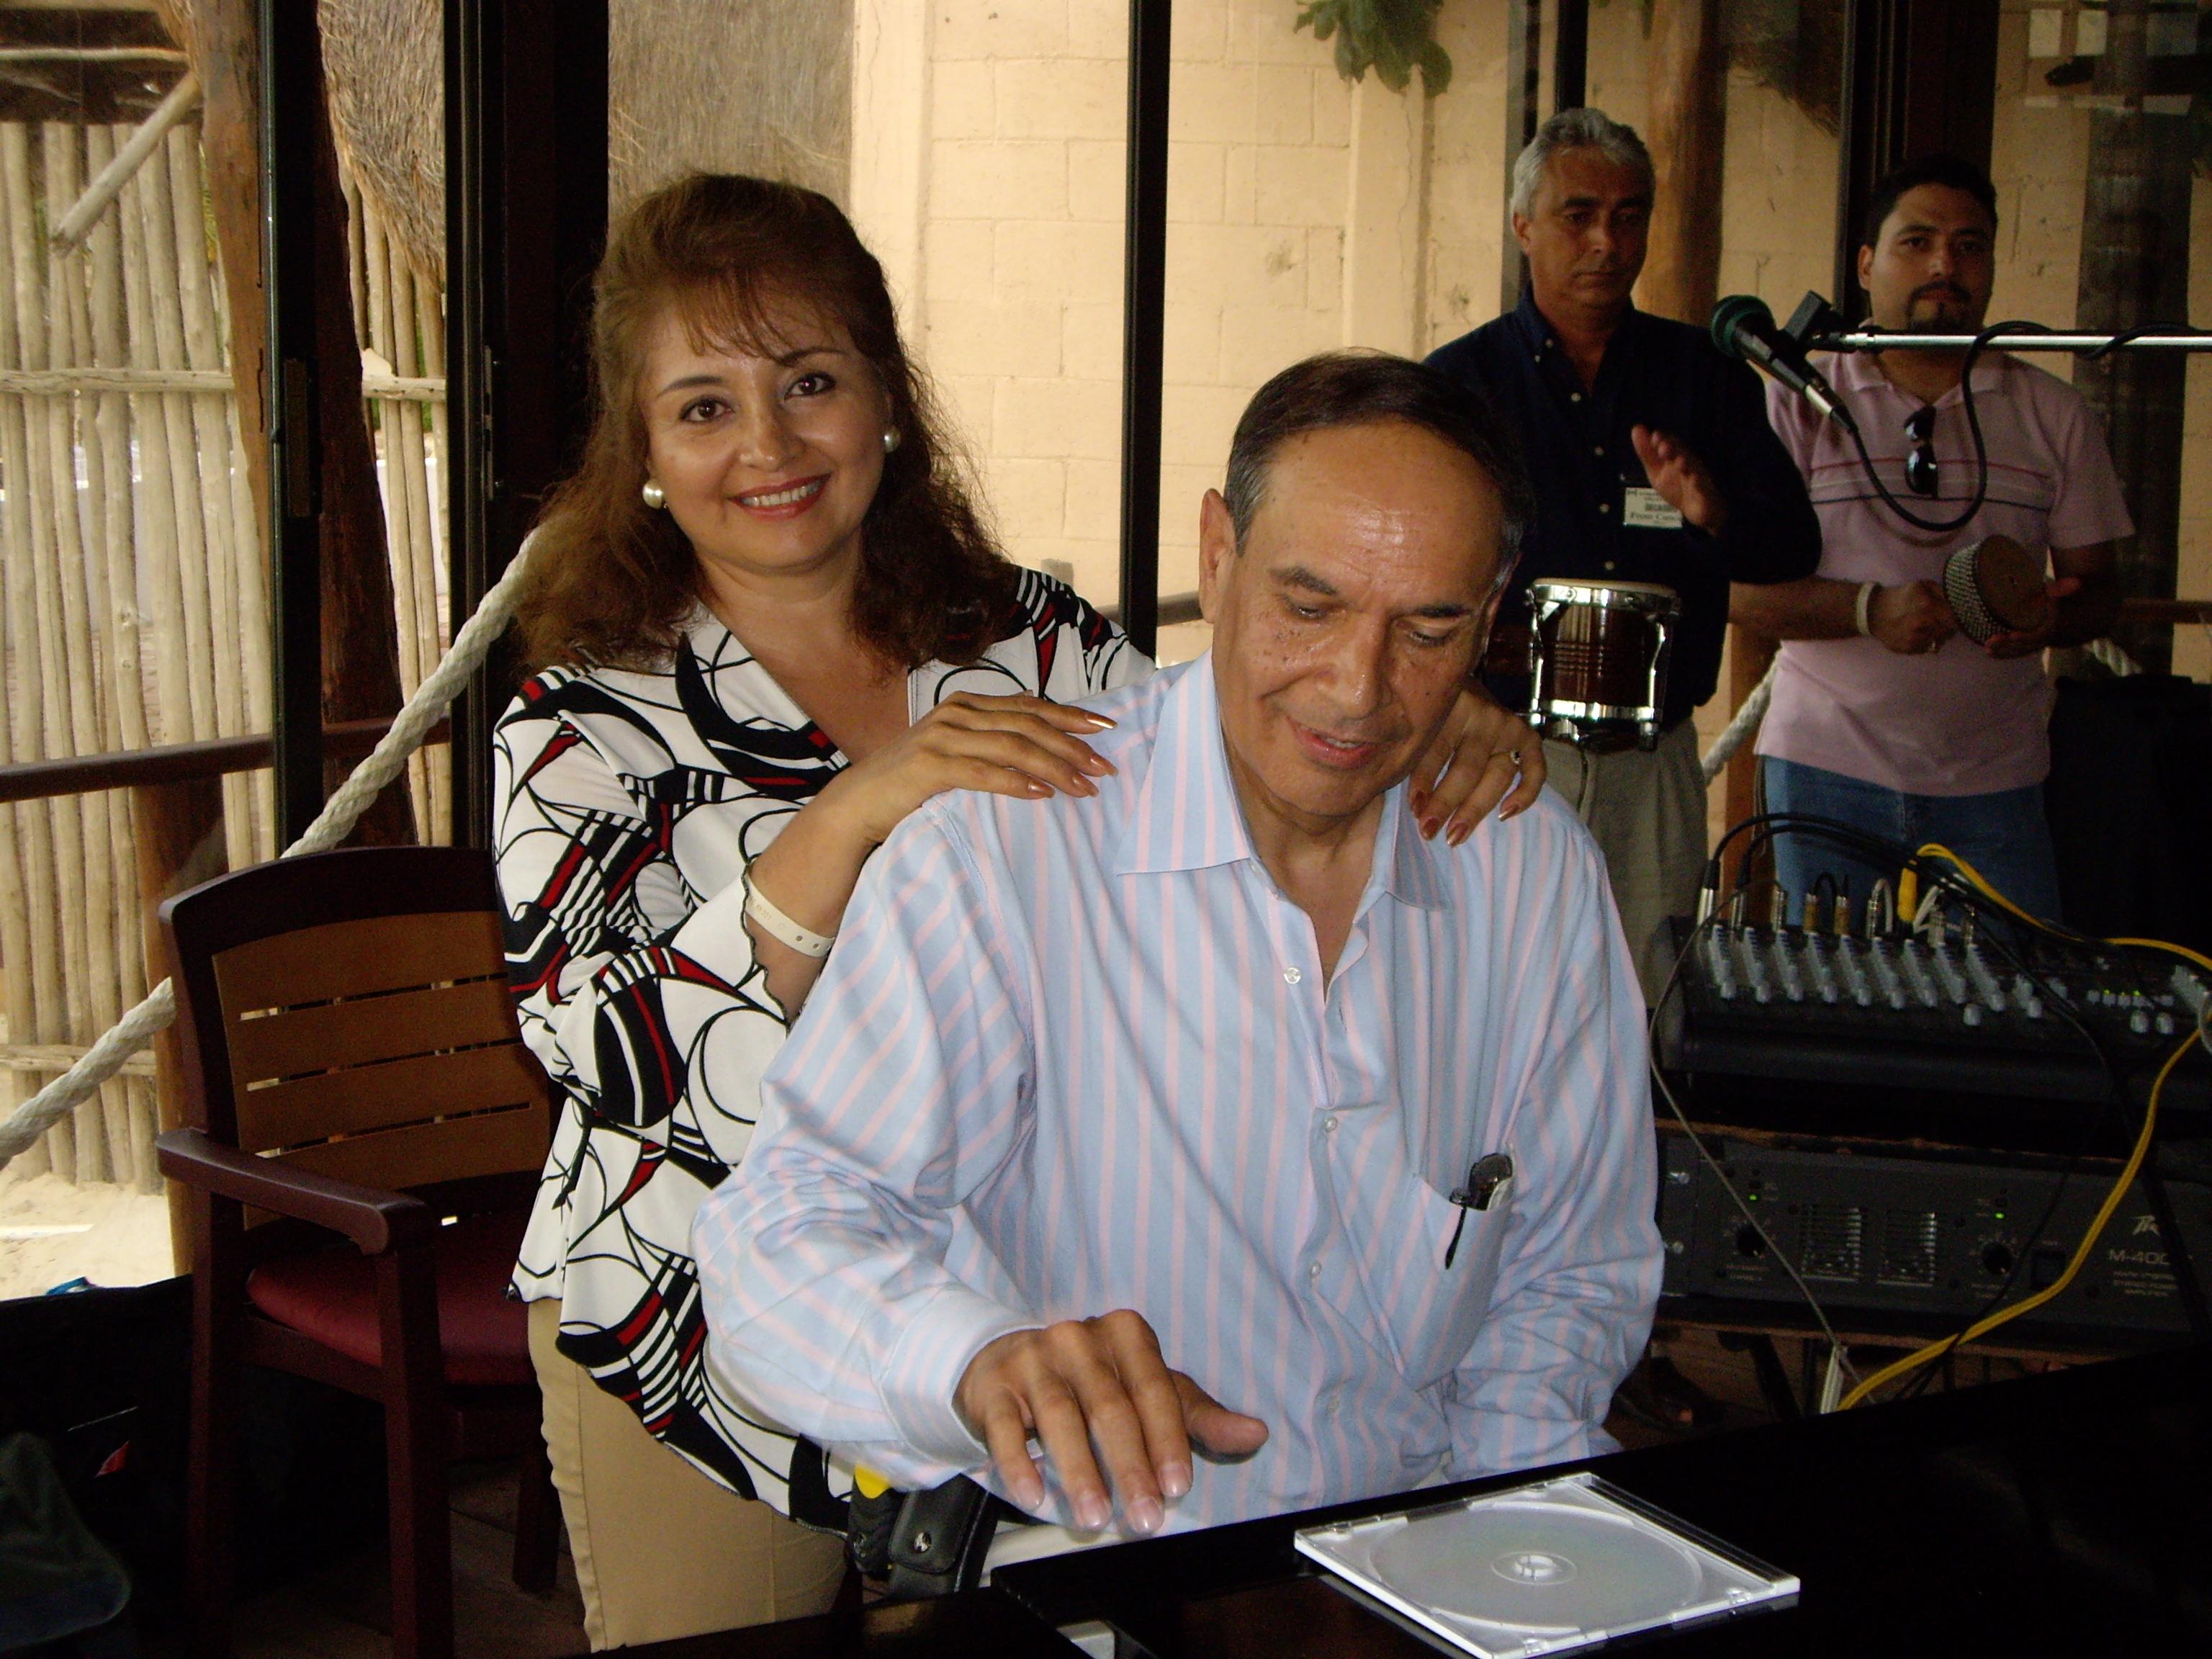 ハモンドX-66クラブ会長夫妻 at Cancun